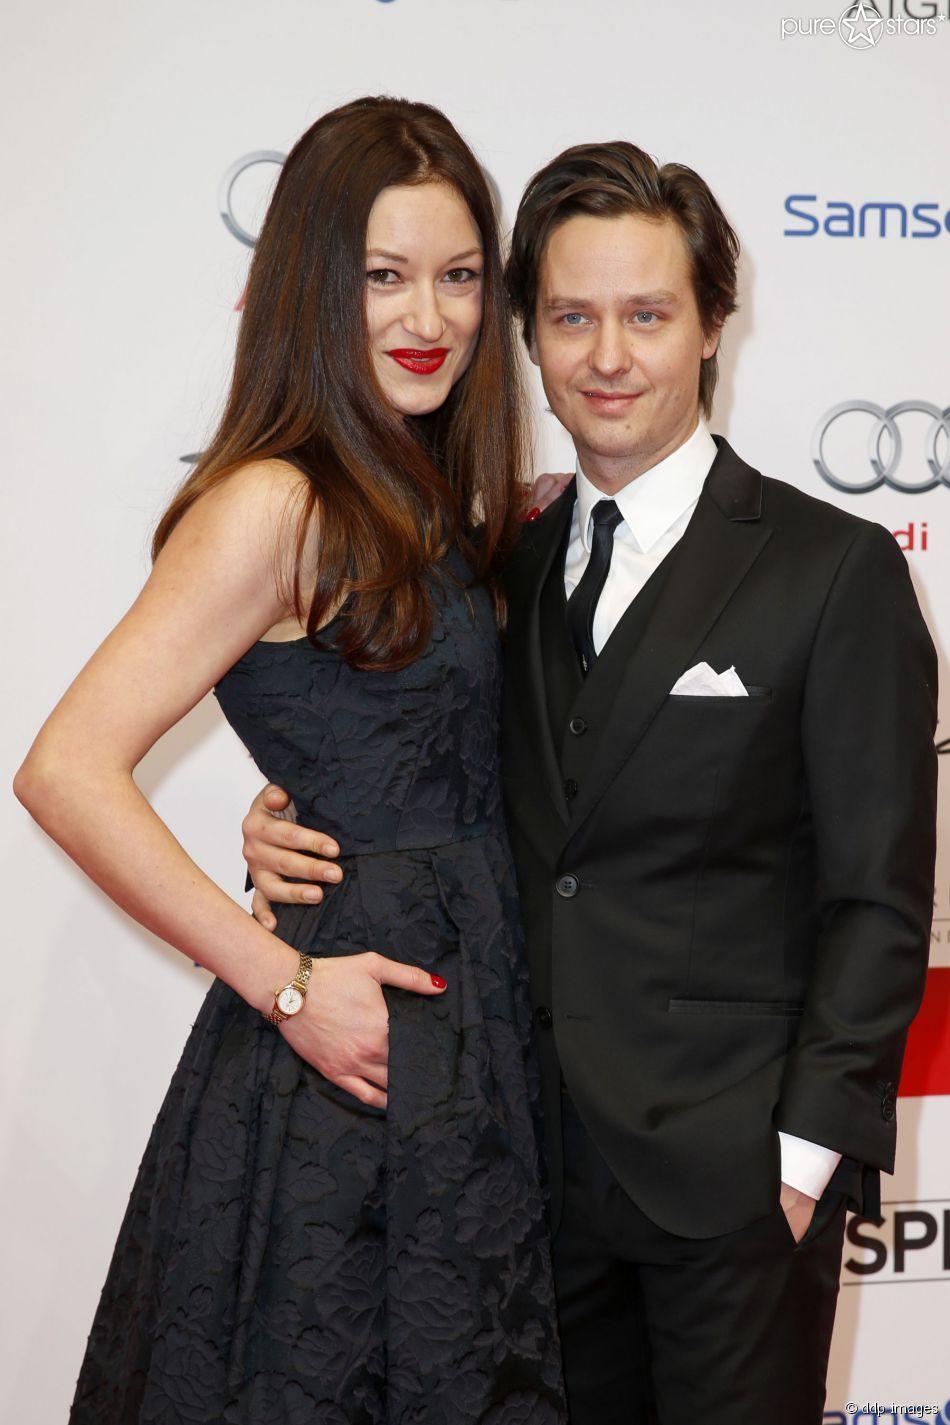 Tom Schilling und seine Lebensgefährtin Annie Mosebach am 17. Januar 2015 beim Deutschen Filmball in München.